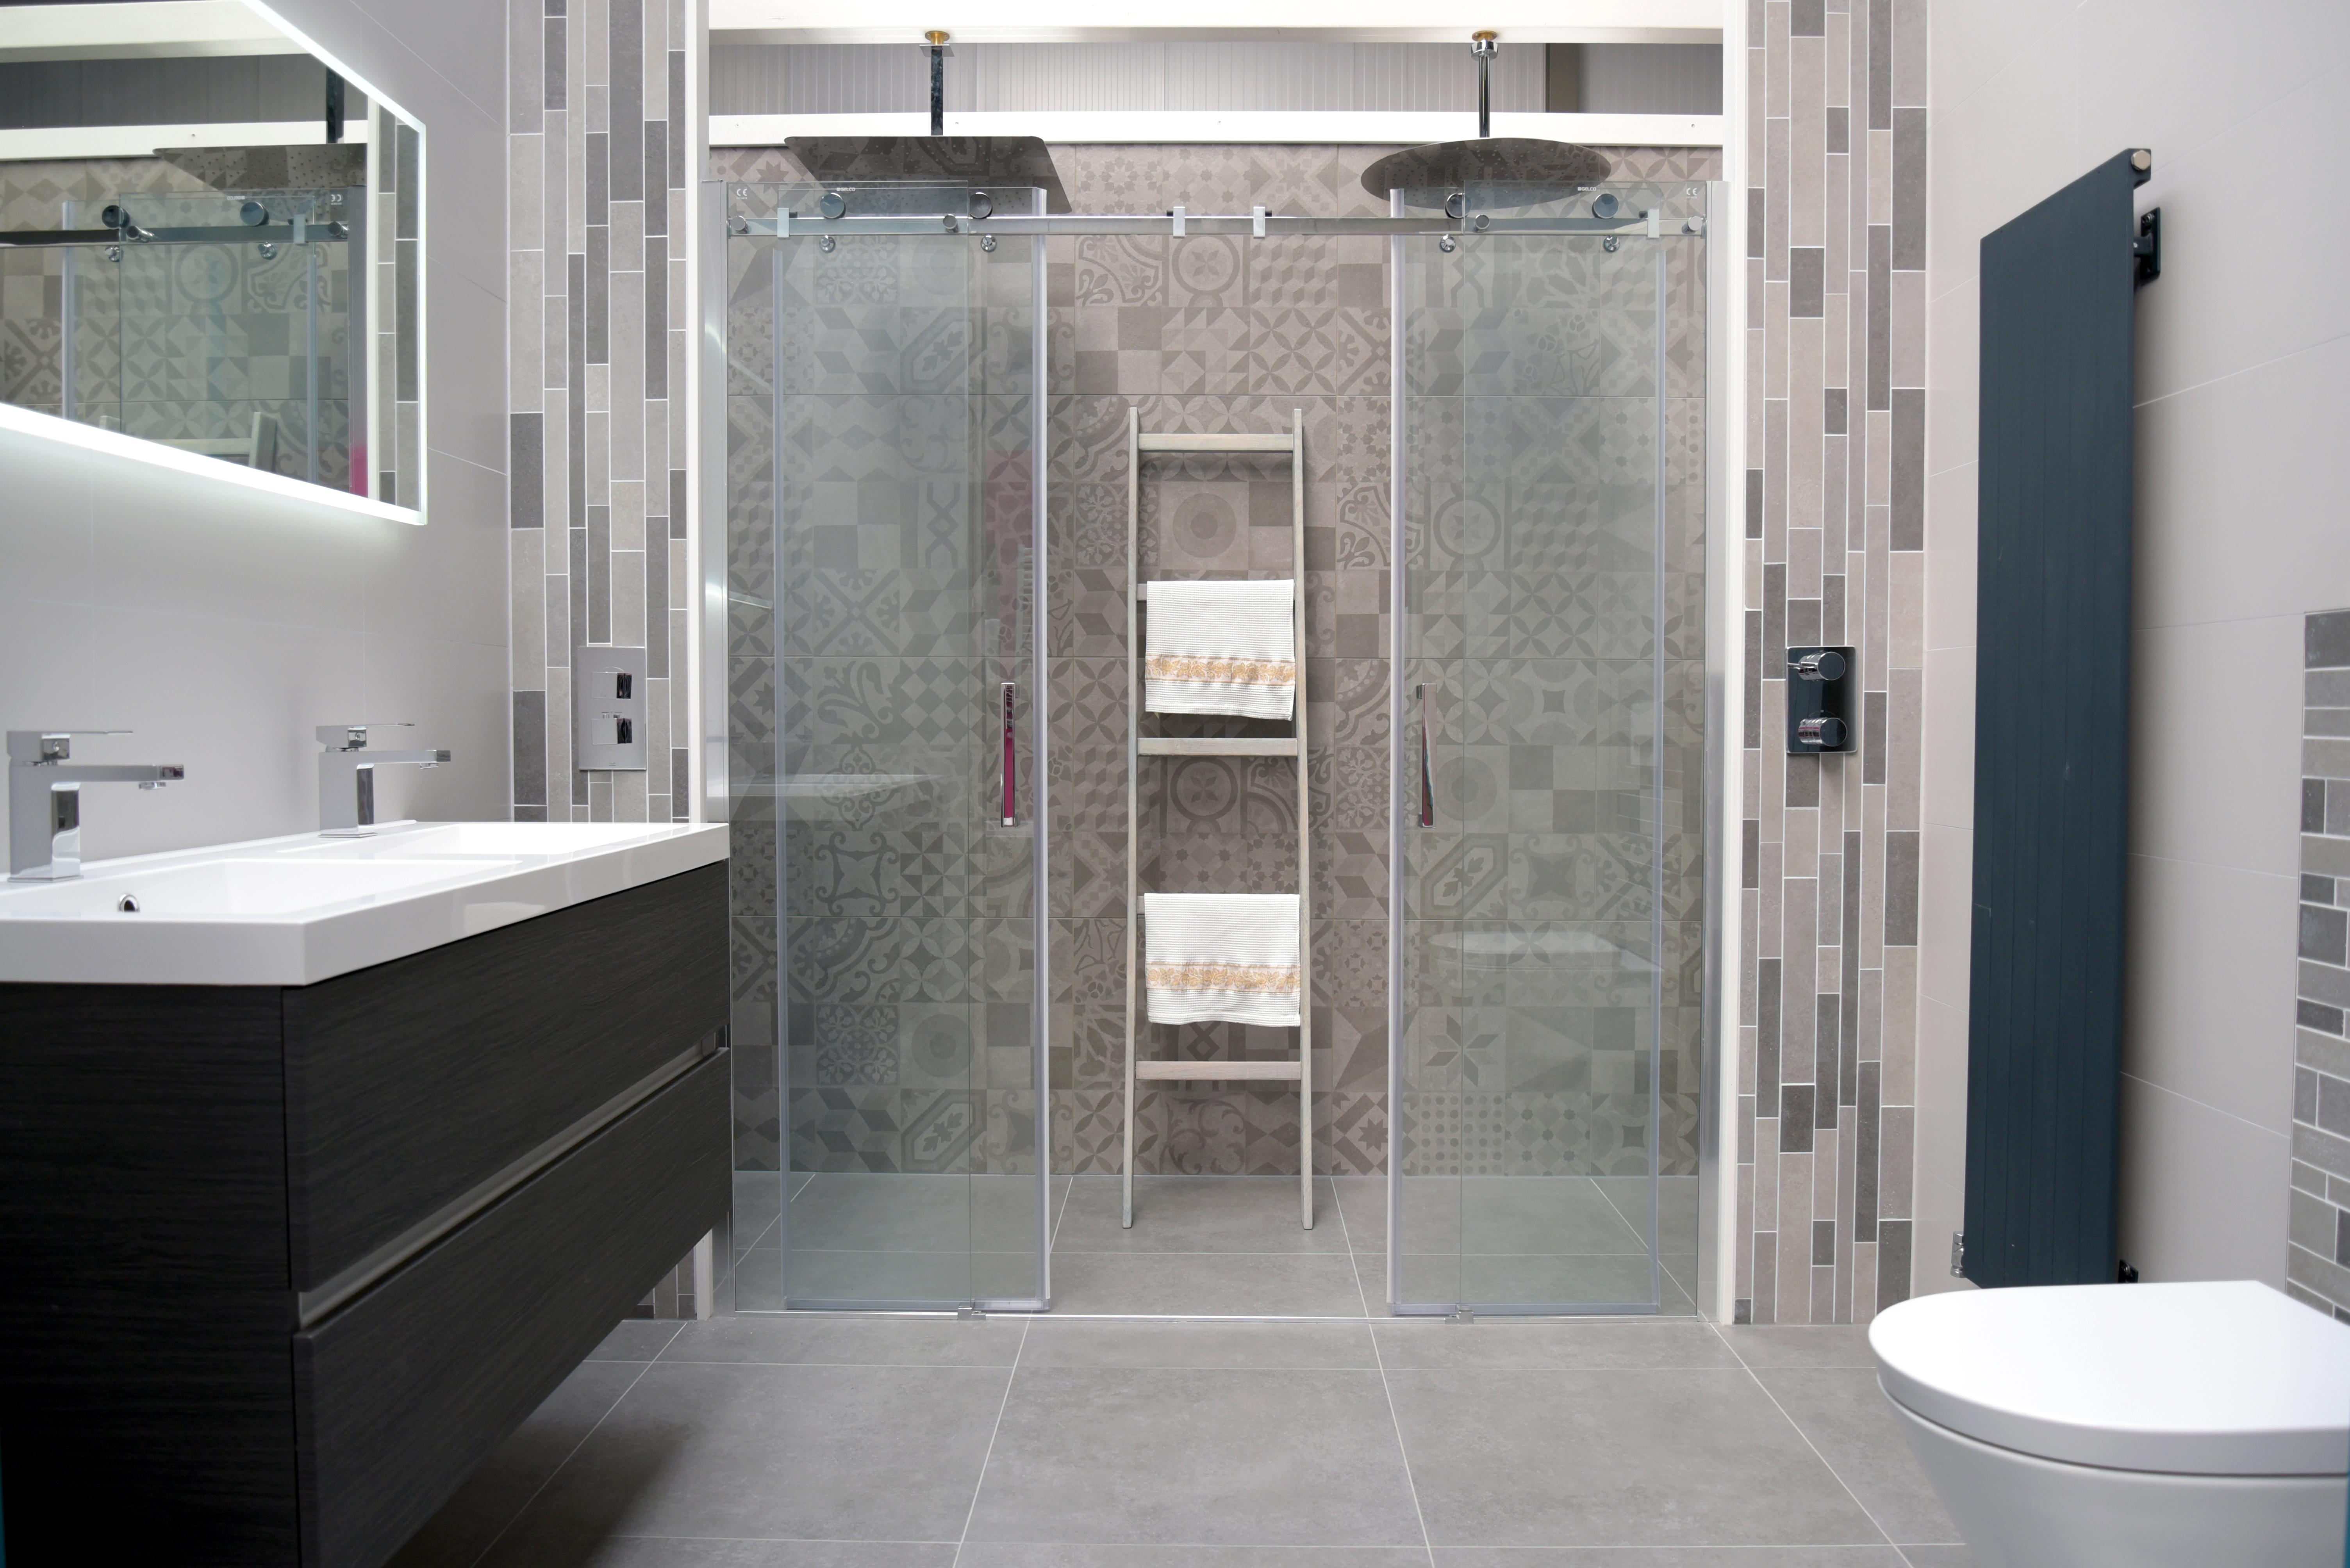 Badkamer 5000 Euro : Badkamerwarenhuis u cwij bieden de klant veel mogelijkheden en